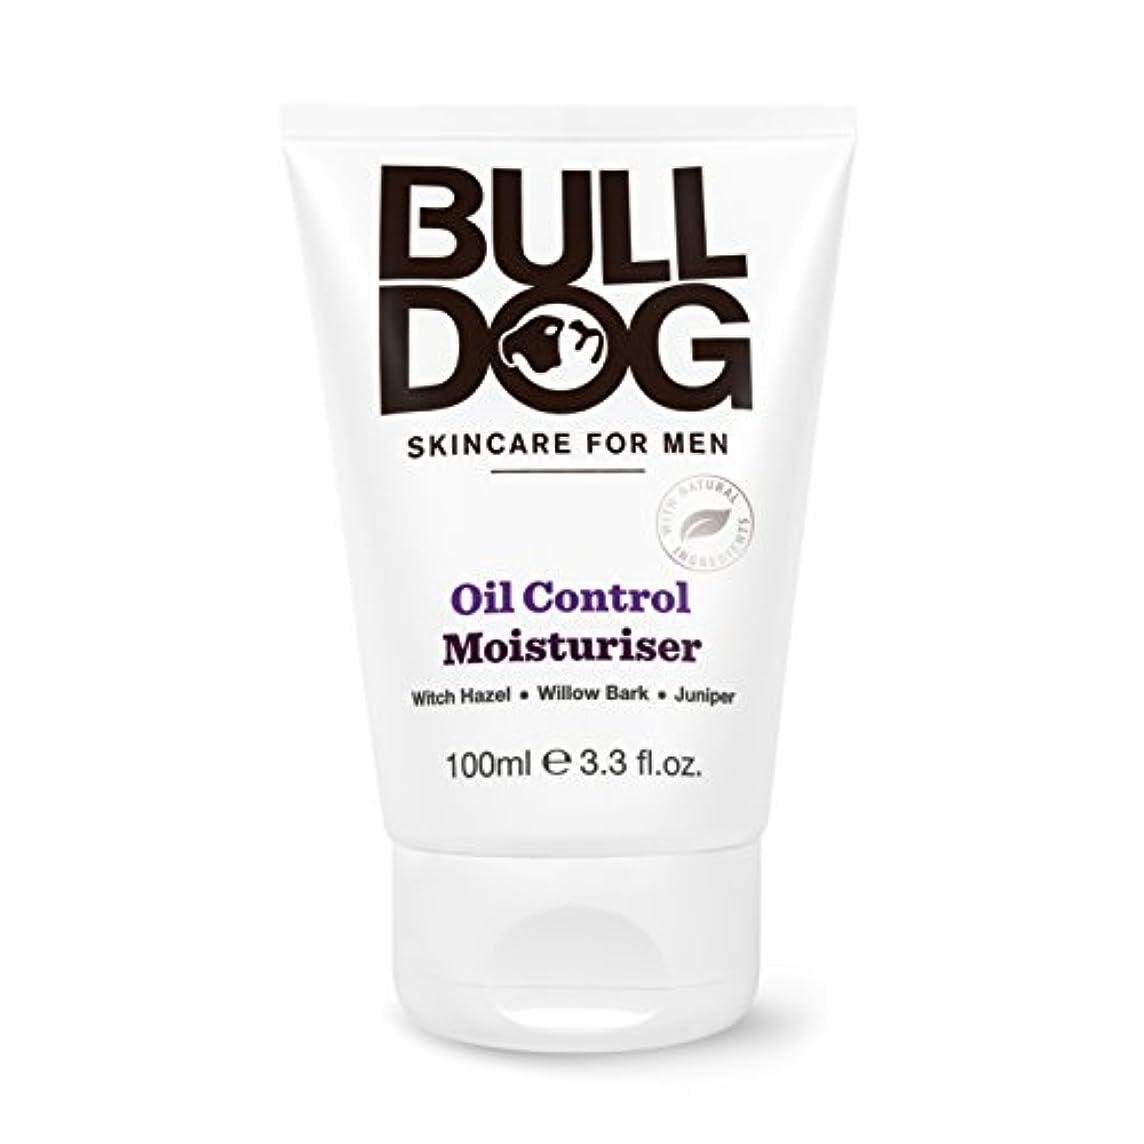 ベジタリアンやむを得ないラッチブルドッグ Bulldog オイルコントロール モイスチャライザー(保湿クリーム) 100mL